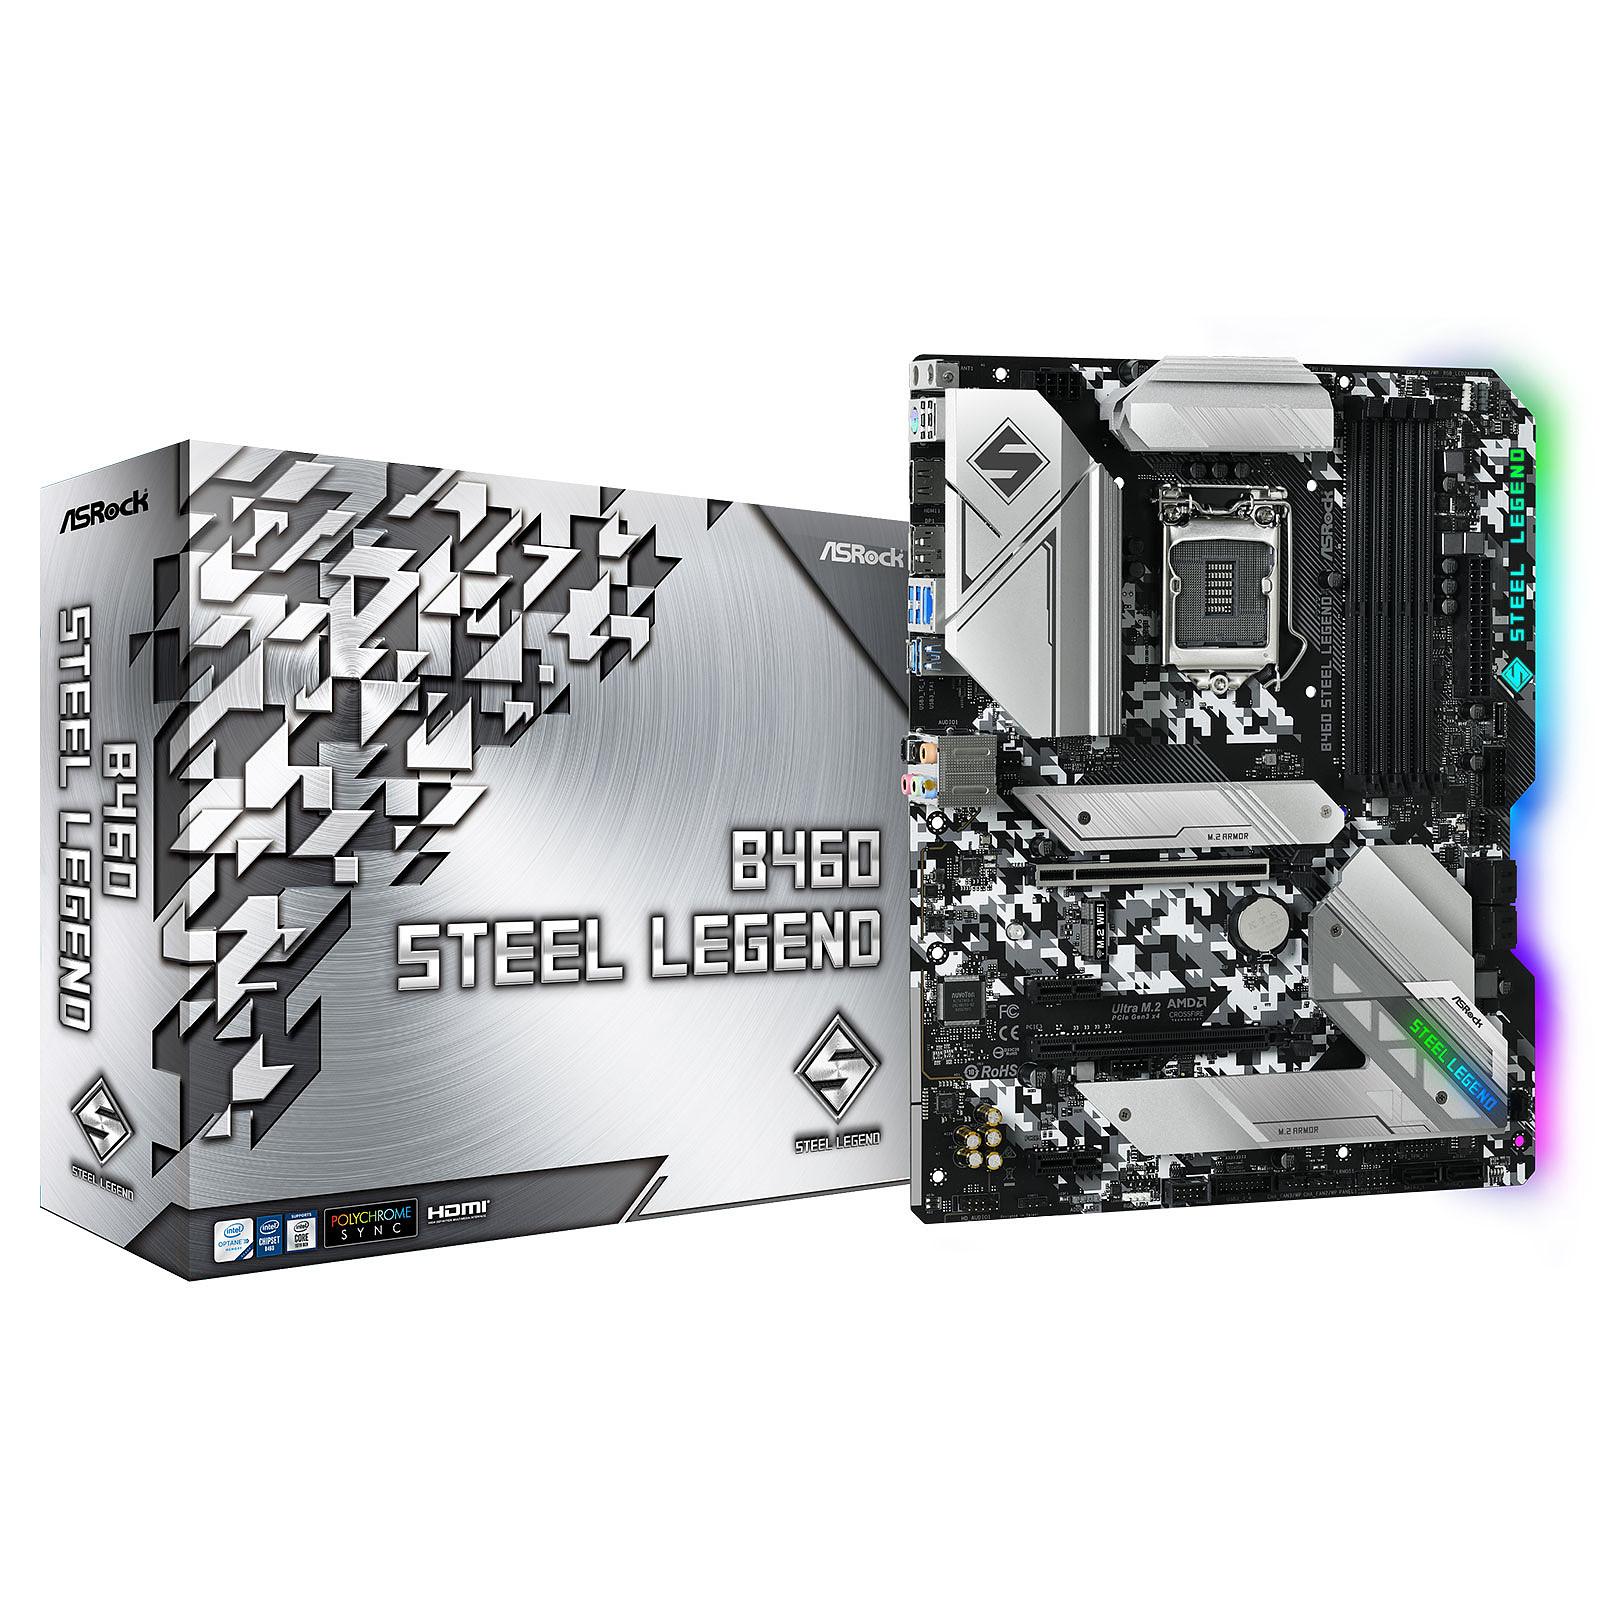 ASRock B460 Steel Legend